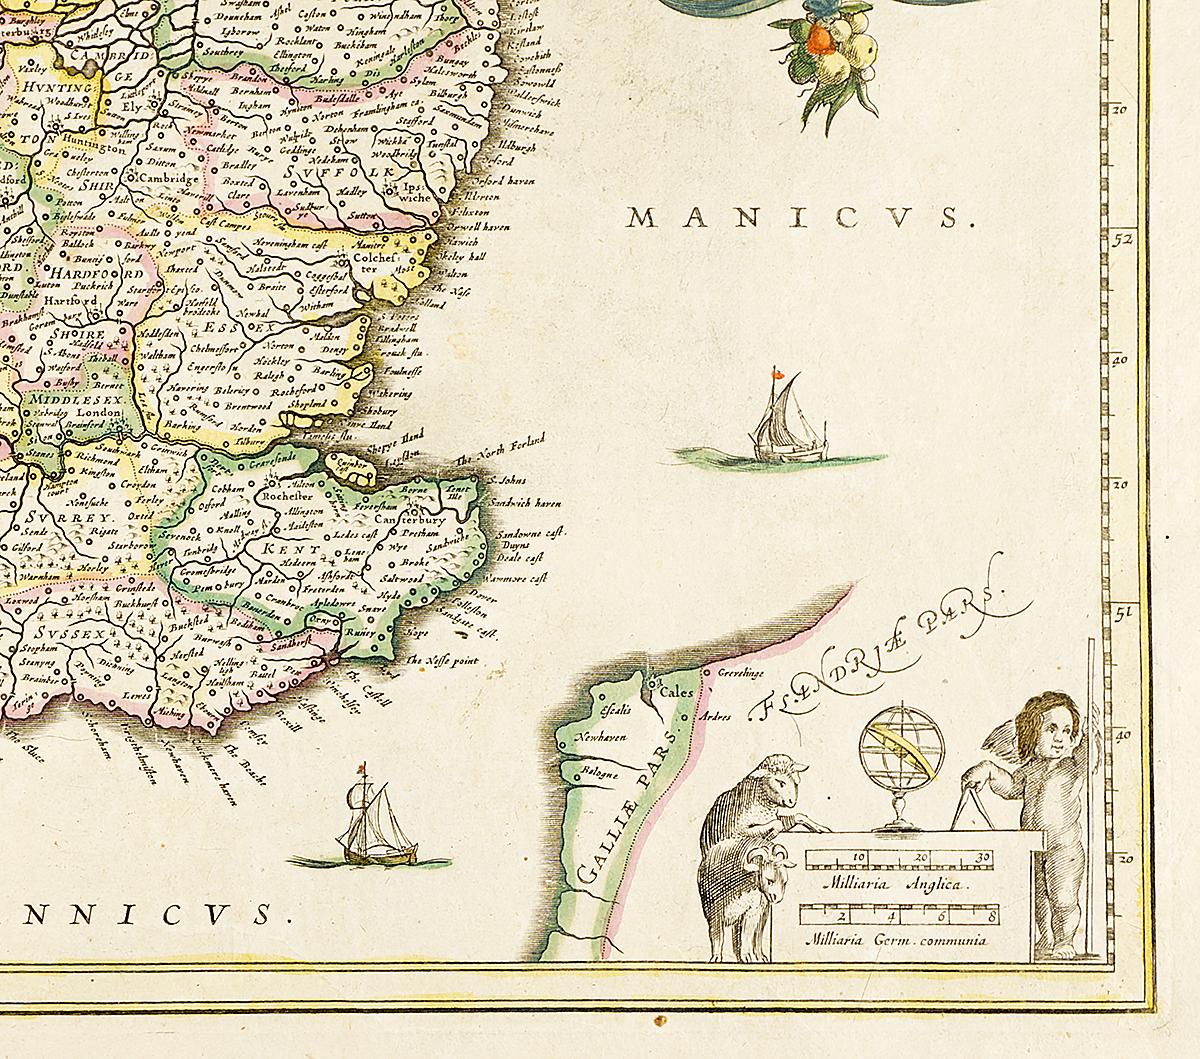 Географическая карта Англии с частью Шотландии и Ирландии.  Гравюра.  Западная Европа, около 1630 года Гравюра. Географическая карта Англии с частью Шотландии и Ирландии...